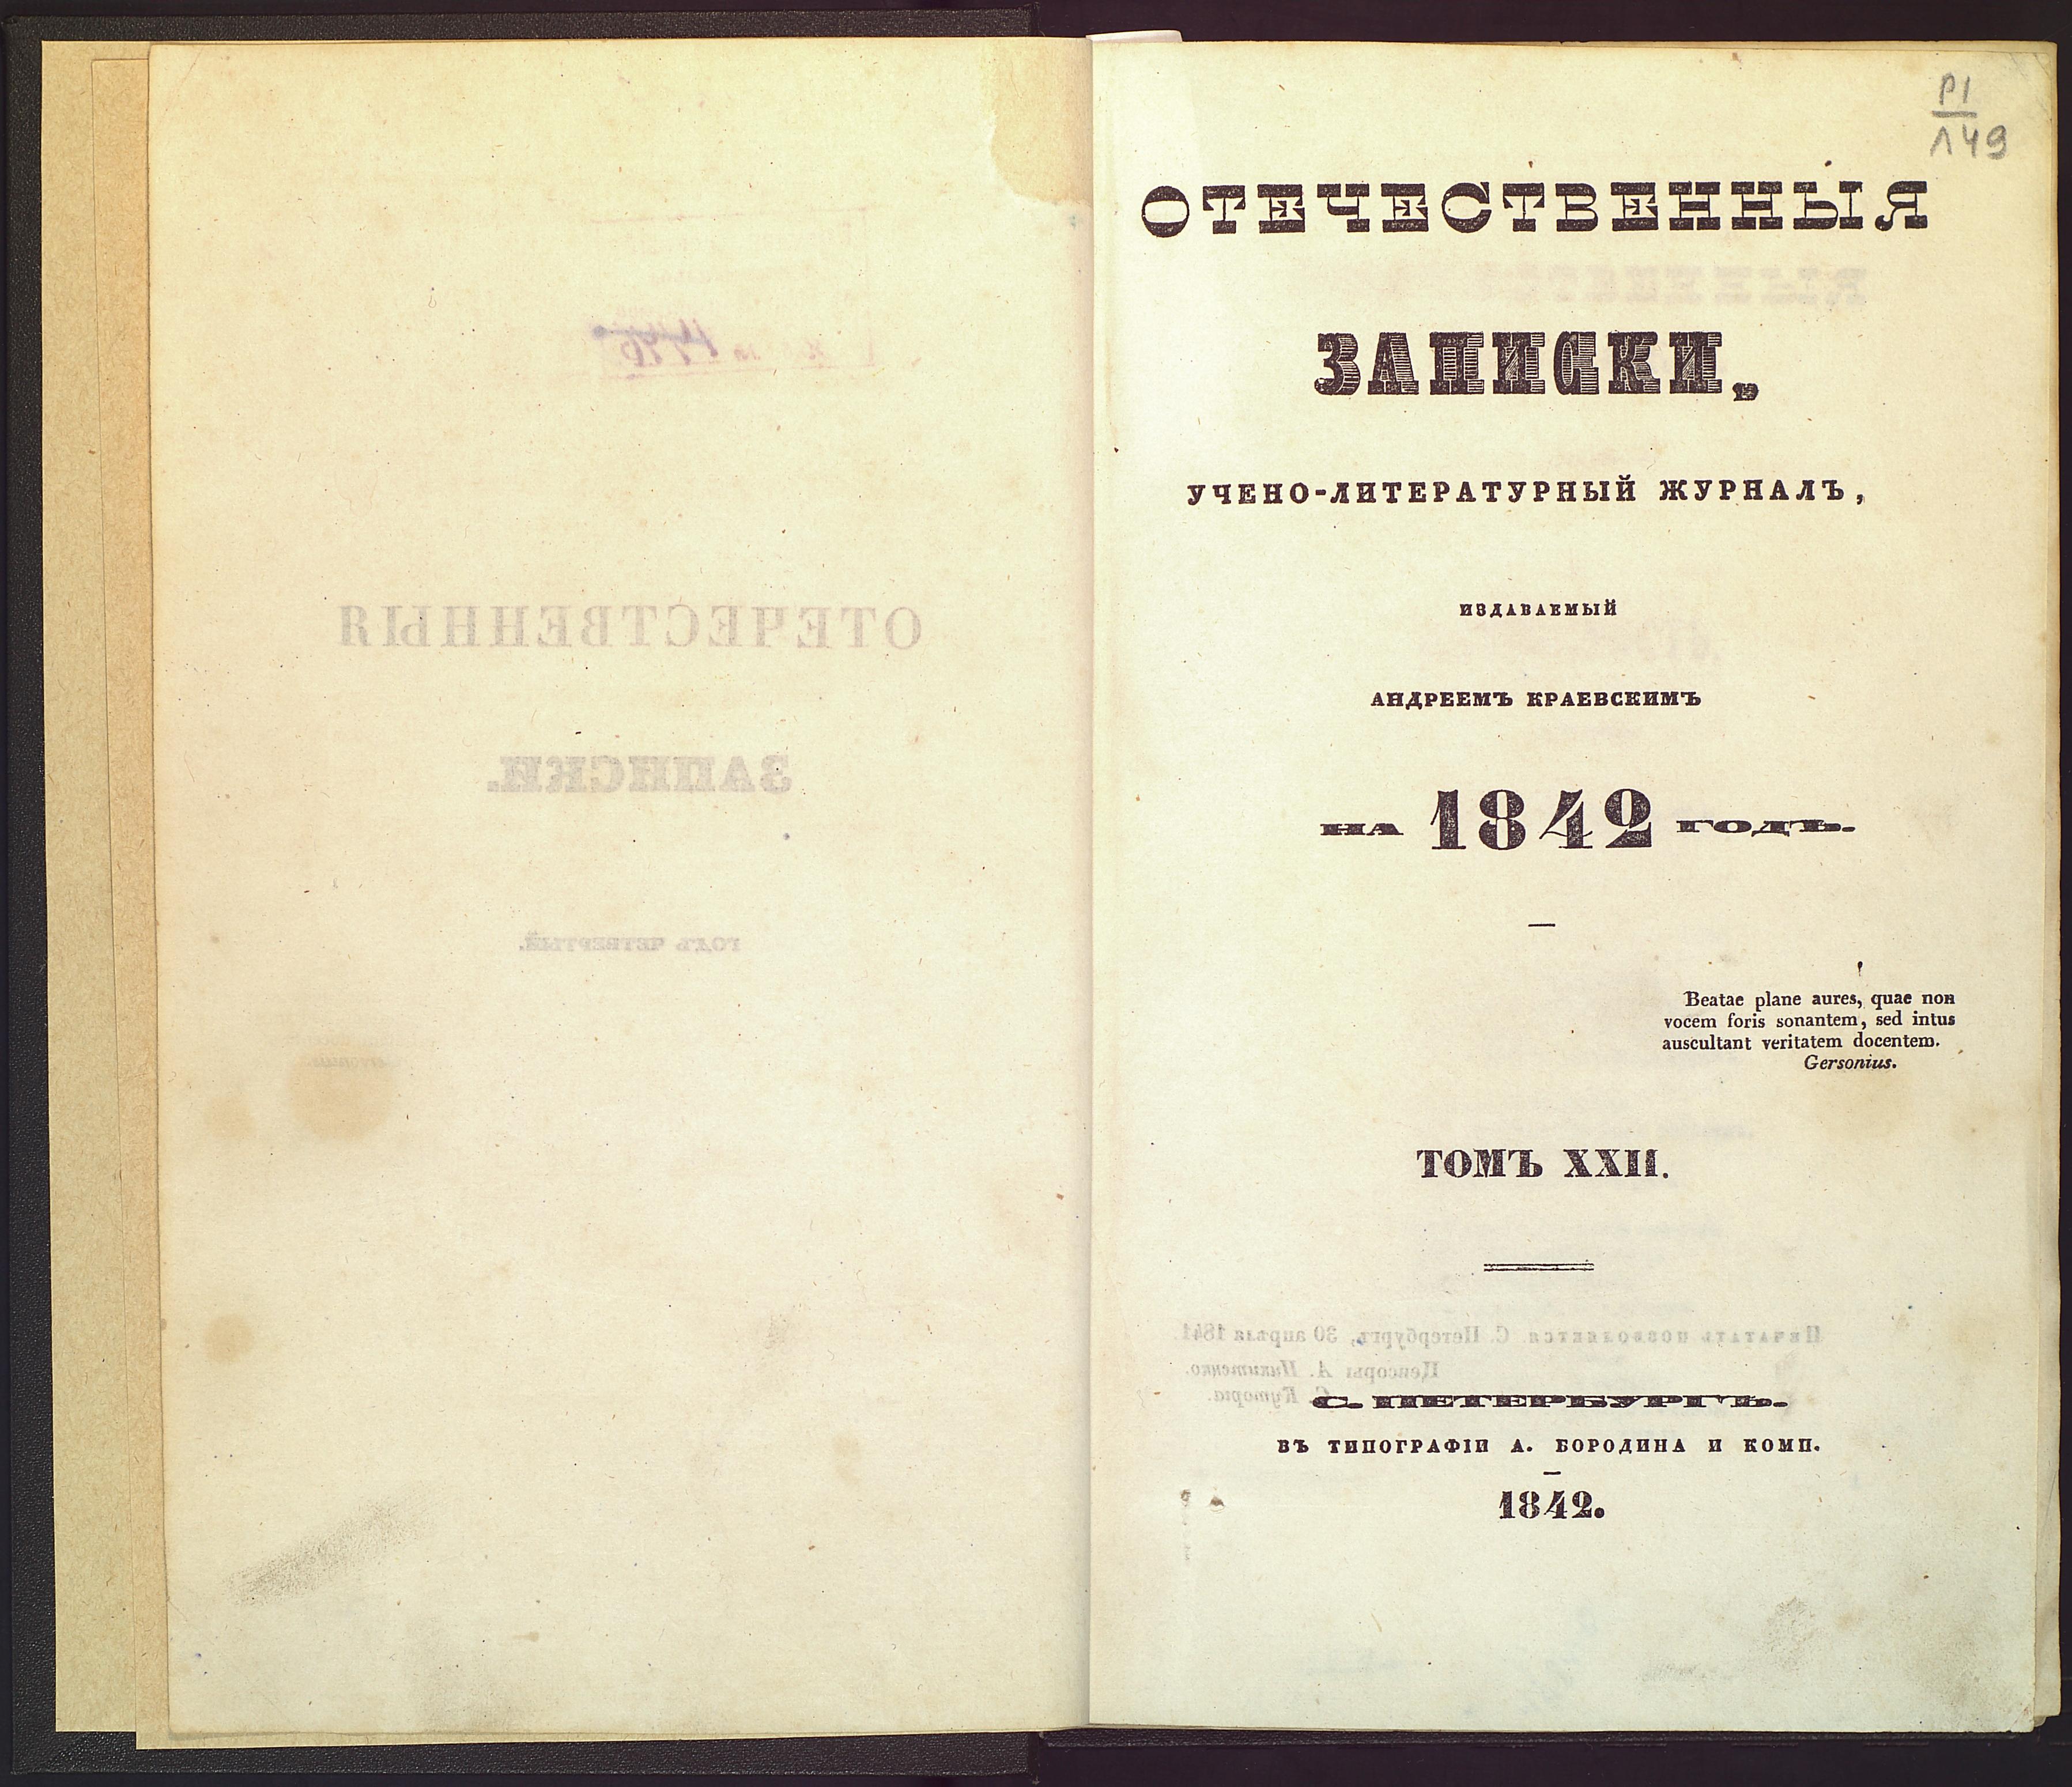 ЛОК-7558 ТАРХАНЫ КП-14176  Журнал Отечественные записки. Т. XXII._3